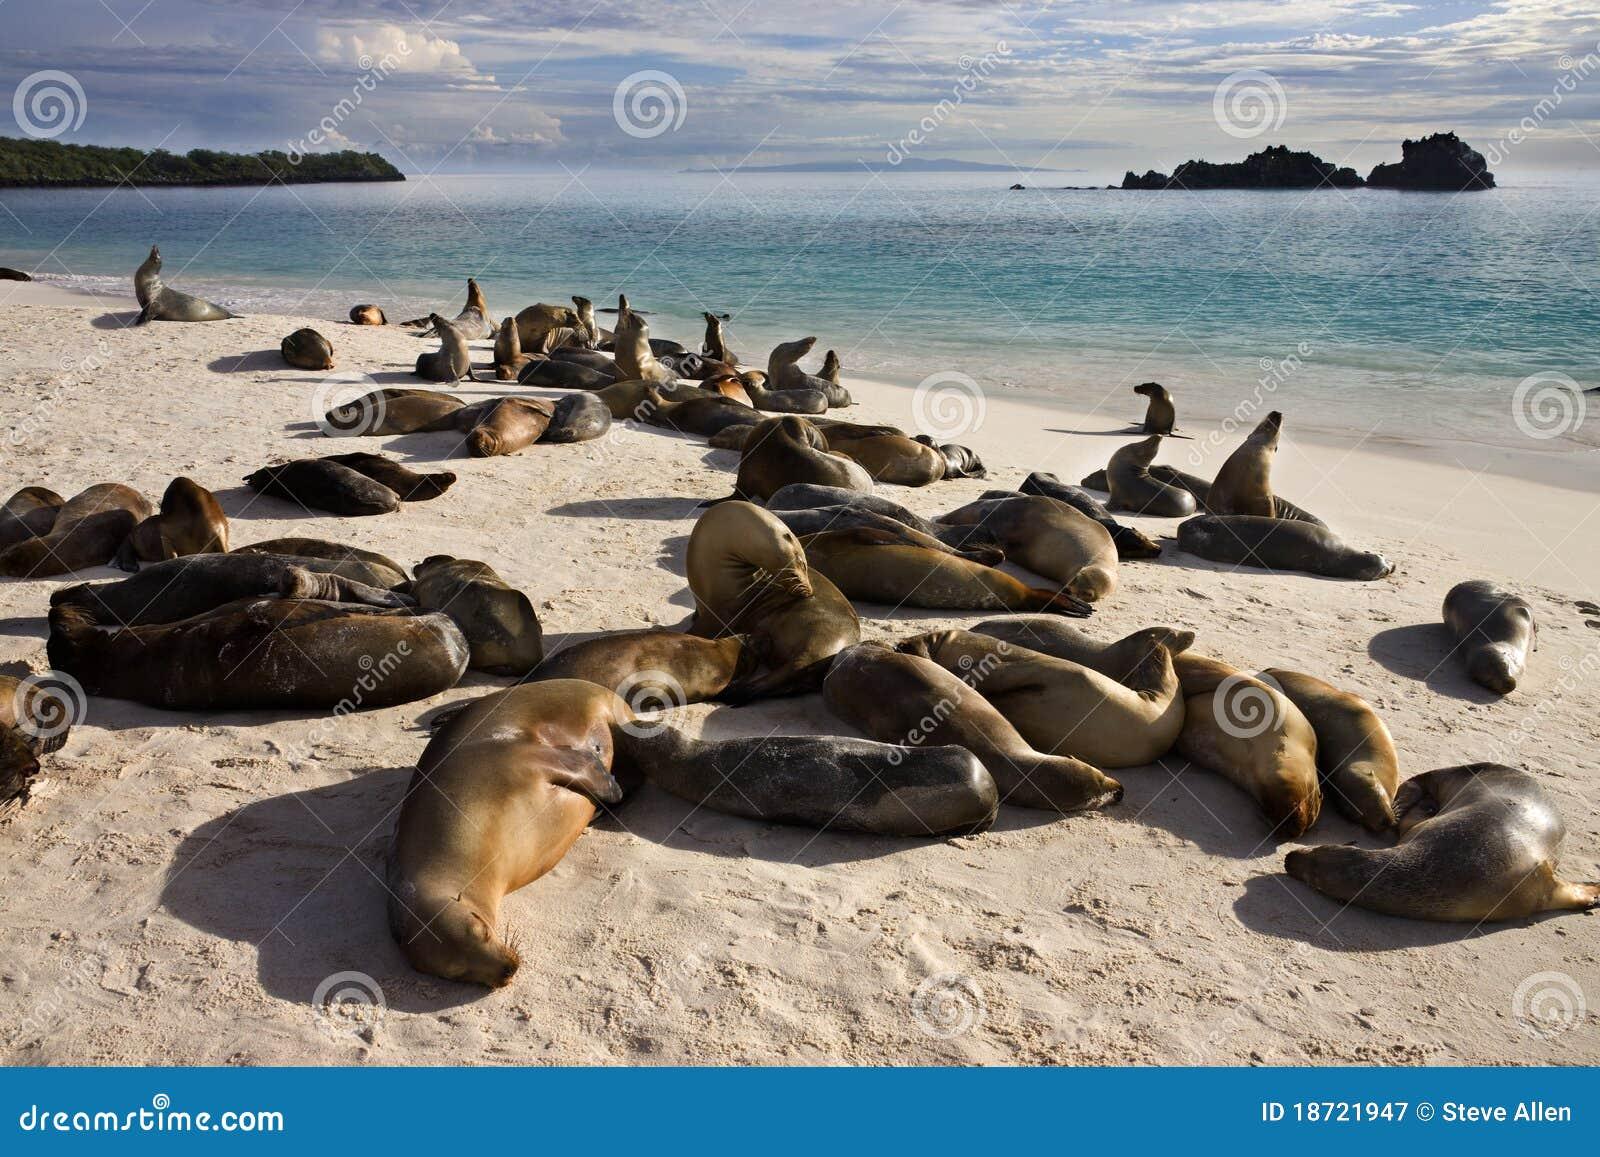 Galapagos Sea Lions - Espanola - Galapagos Islands